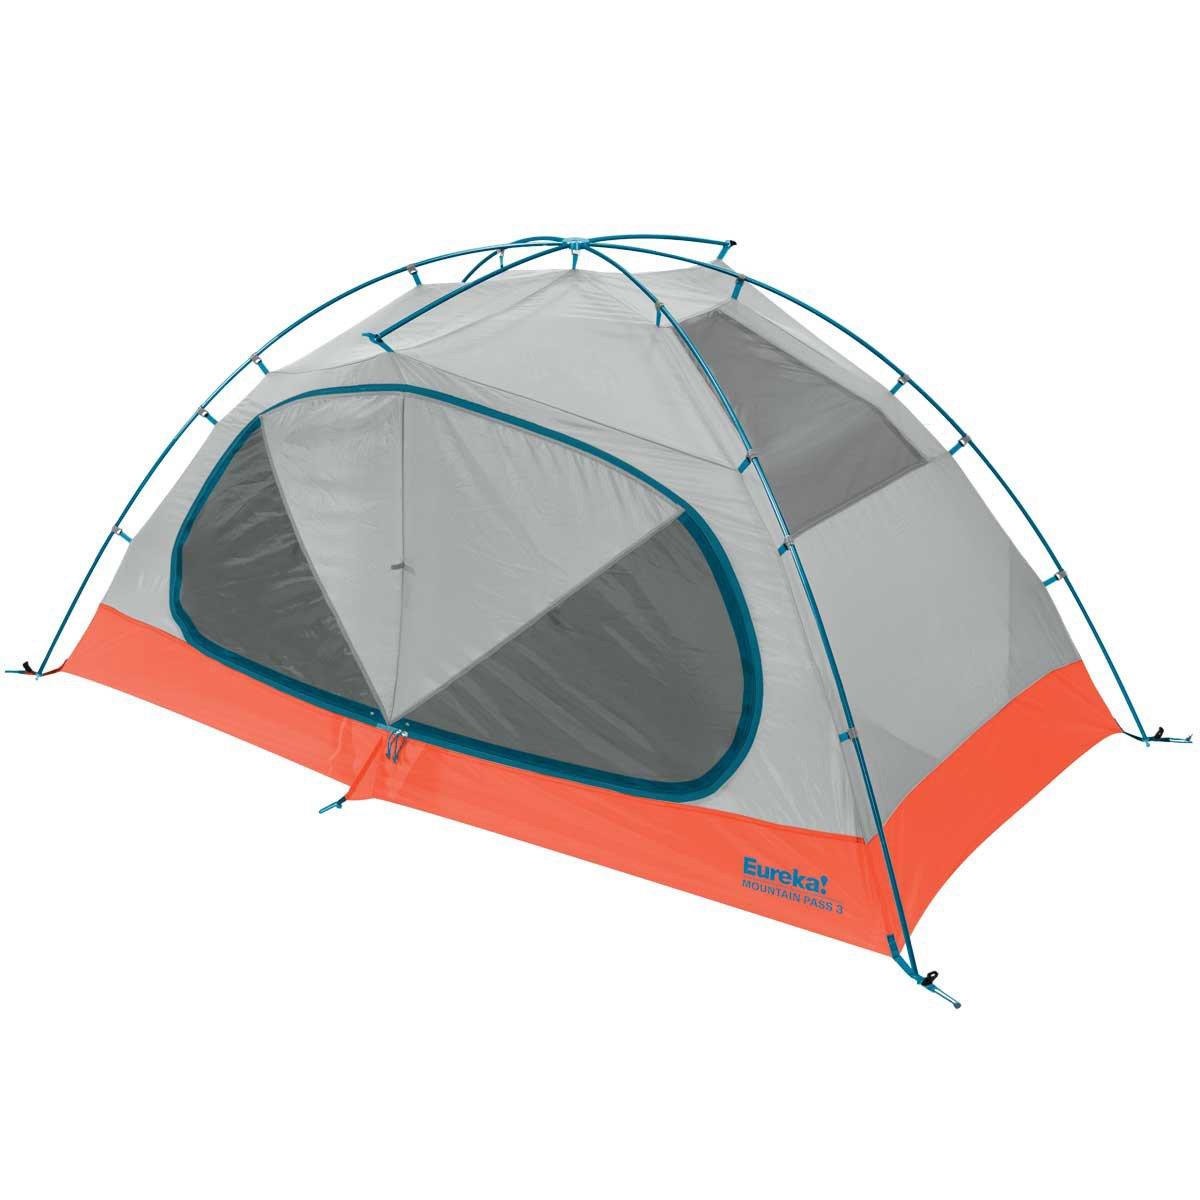 Attic Tent AT-3 – 22 x54 x13